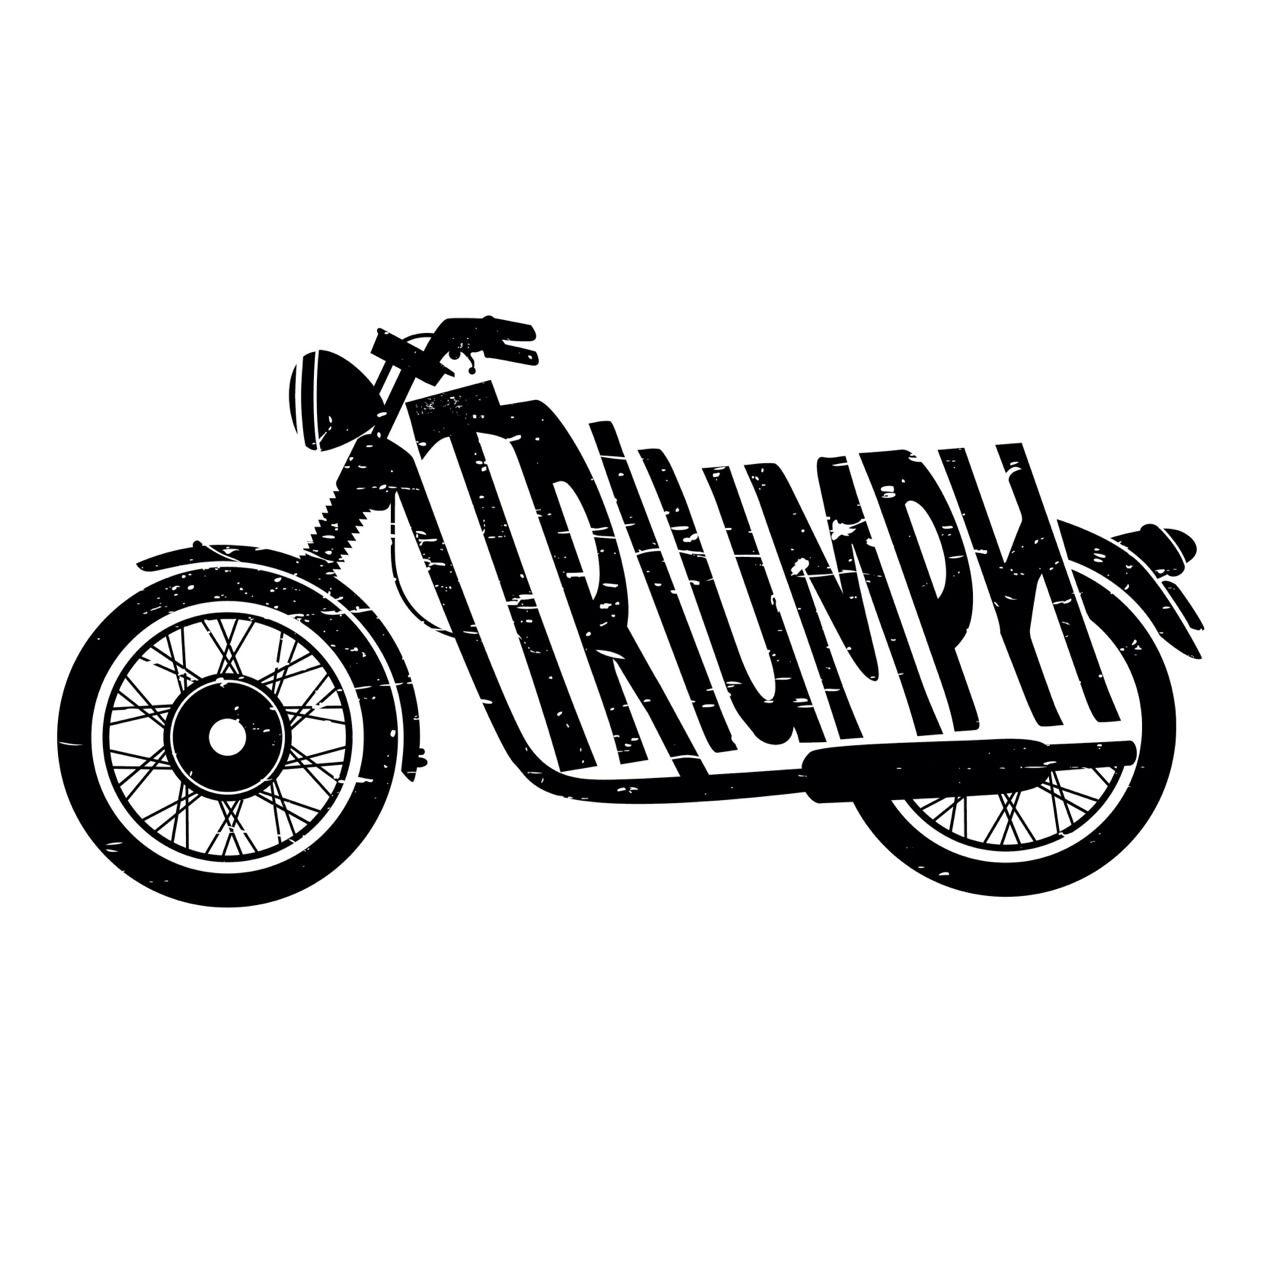 Motorcycle Logos